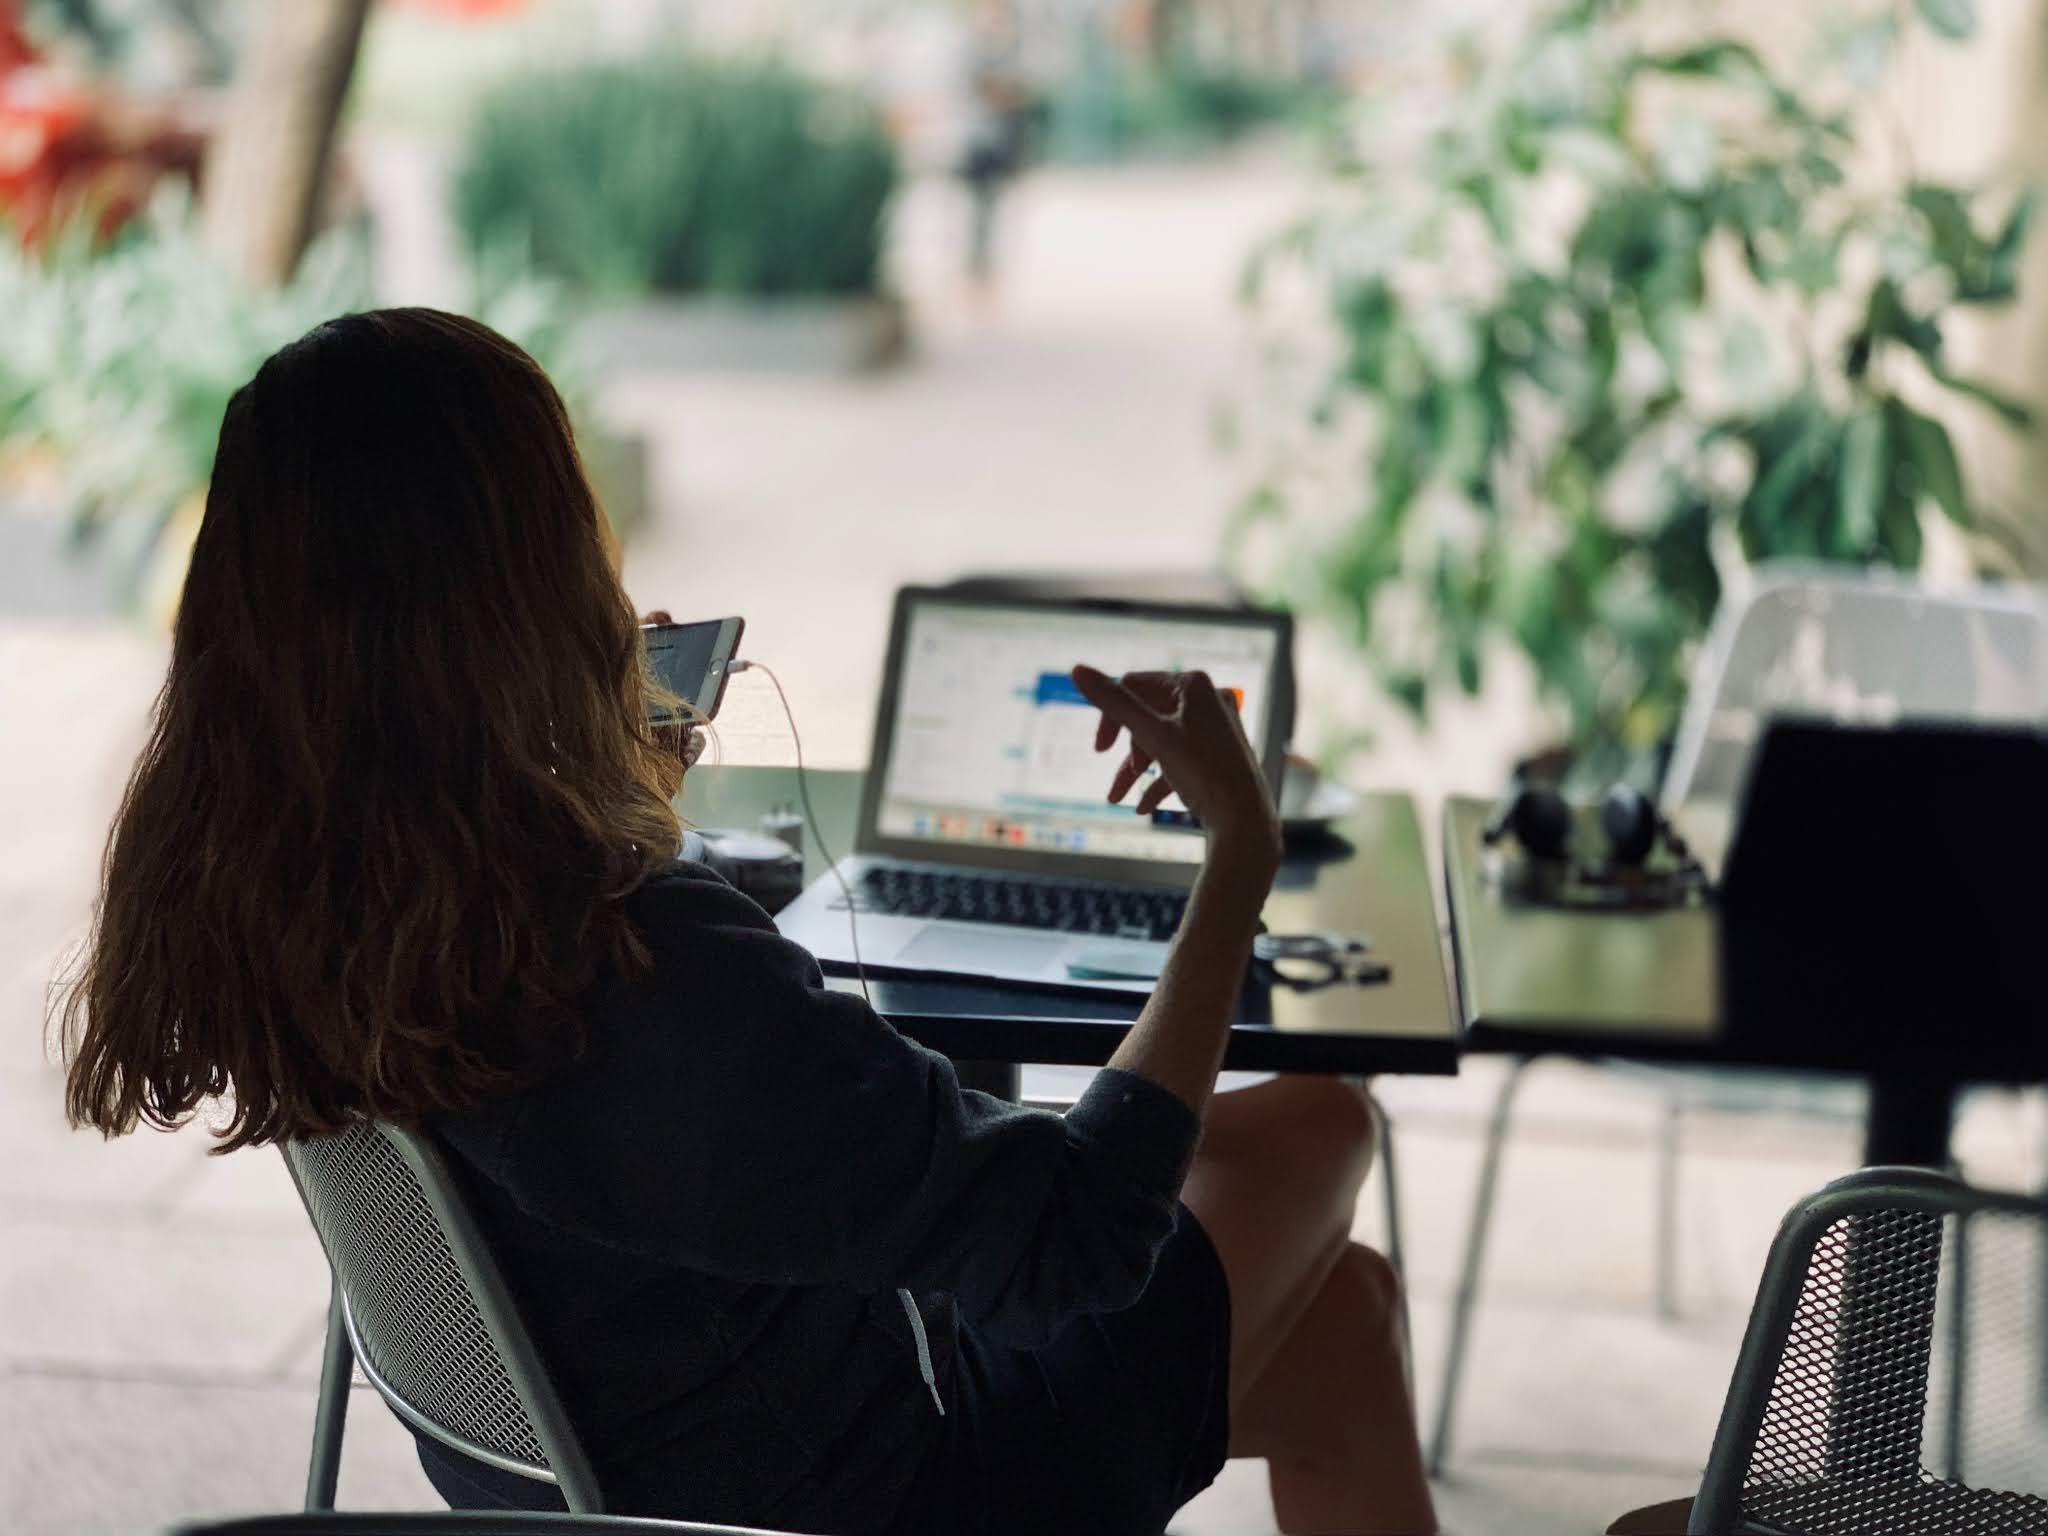 لماذا اكتساب المهارات والمعرفة الرقمية مهم